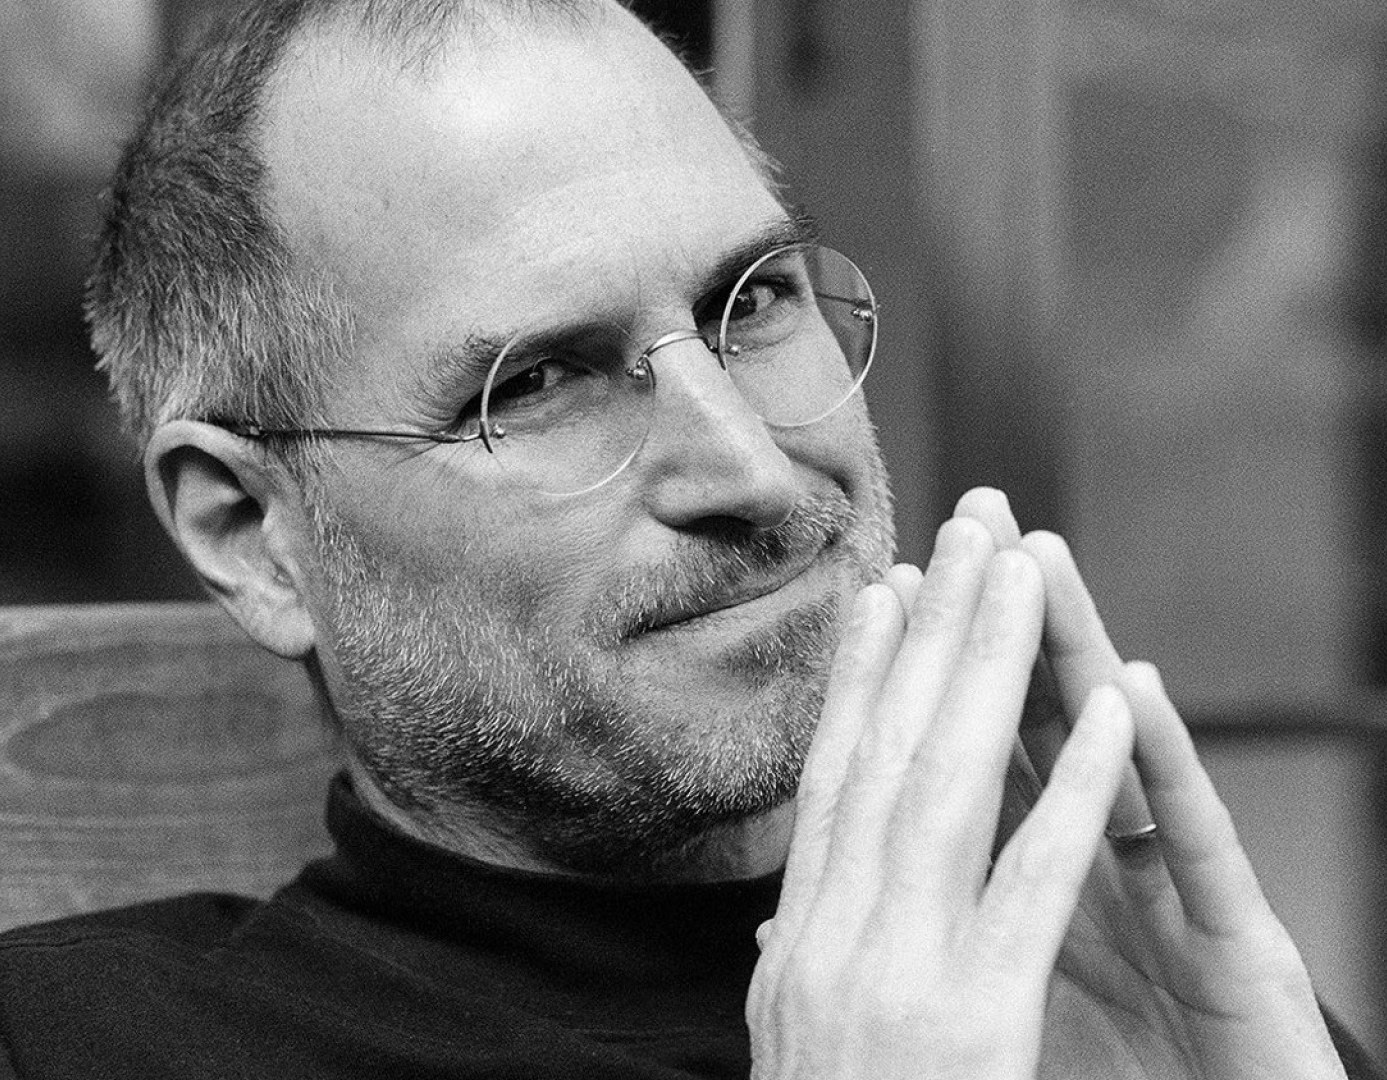 Стив Джобс биография, правила успеха, Стив Джобс, Apple